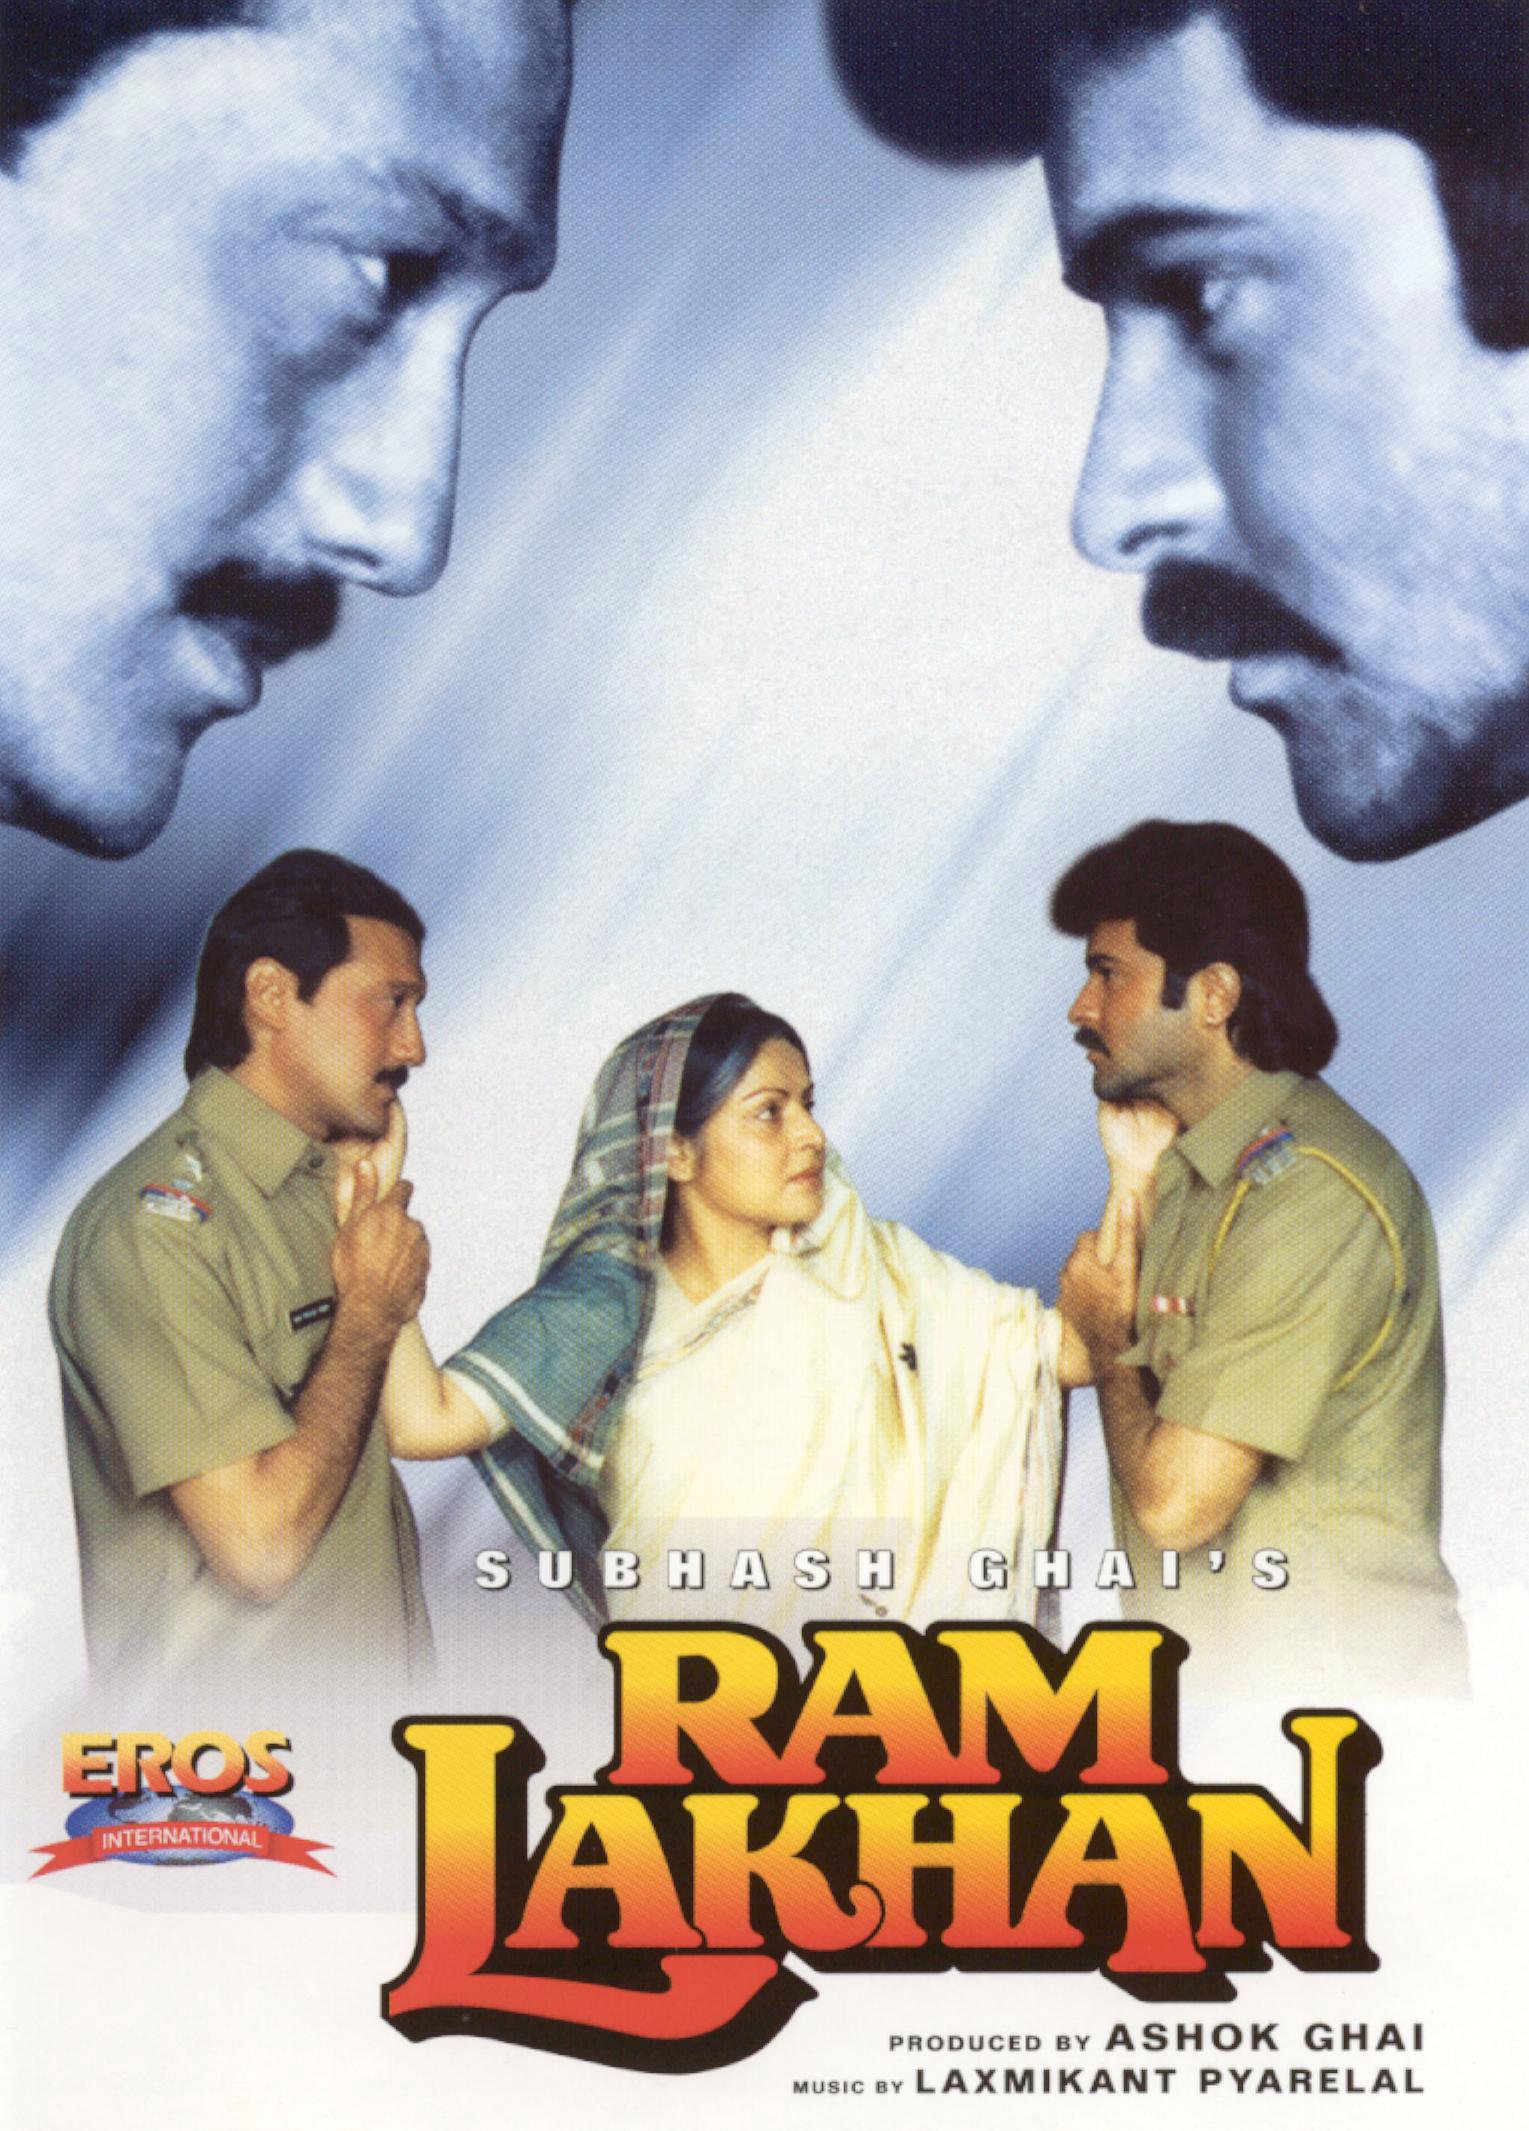 Ram Lakhan 1989 Subhash Ghai Synopsis